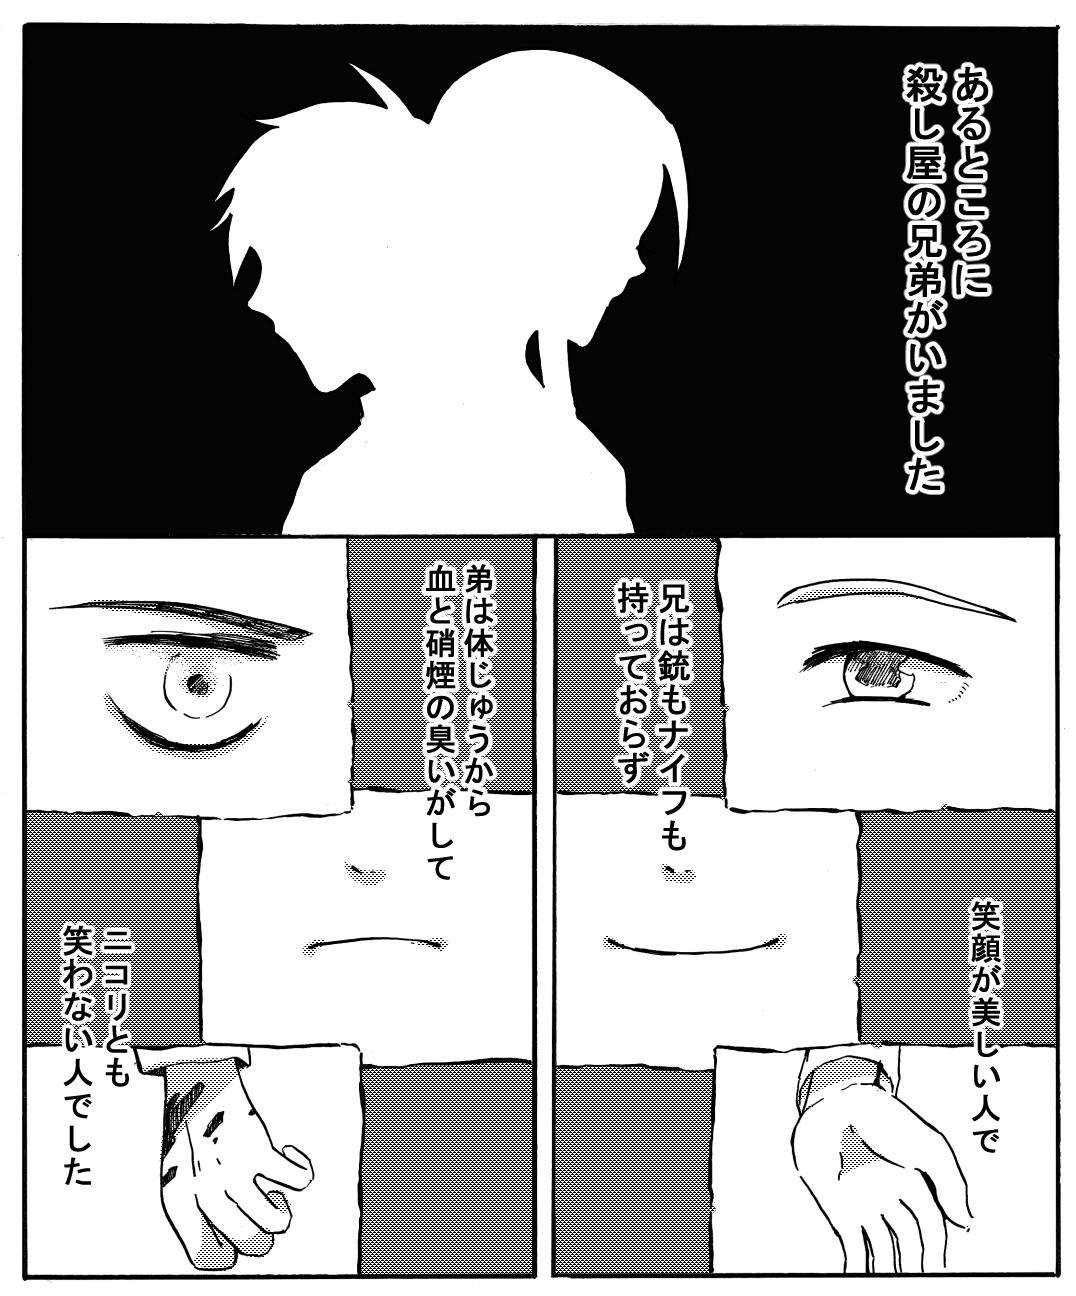 2人の殺し屋 1話 - ジャンプルー...